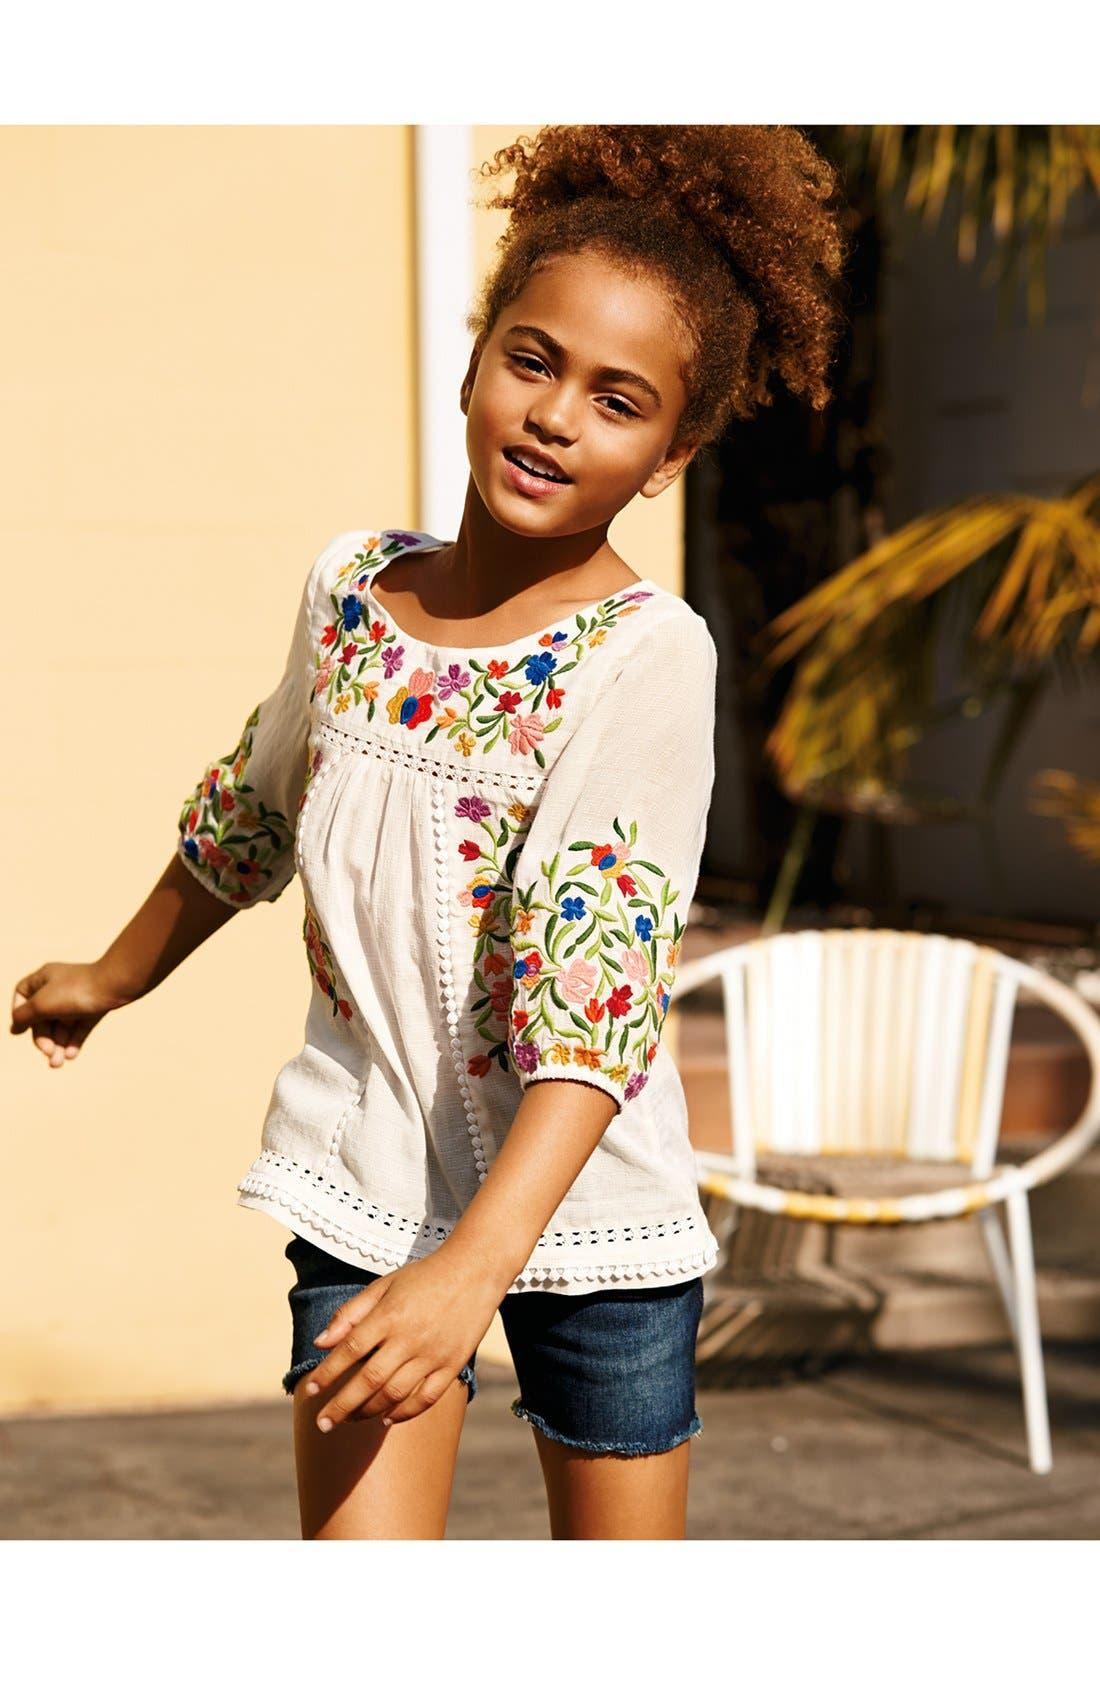 Alternate Image 3  - Peek 'Marin' Embroidered Peasant Top (Toddler Girls, Little Girls & Big Girls)